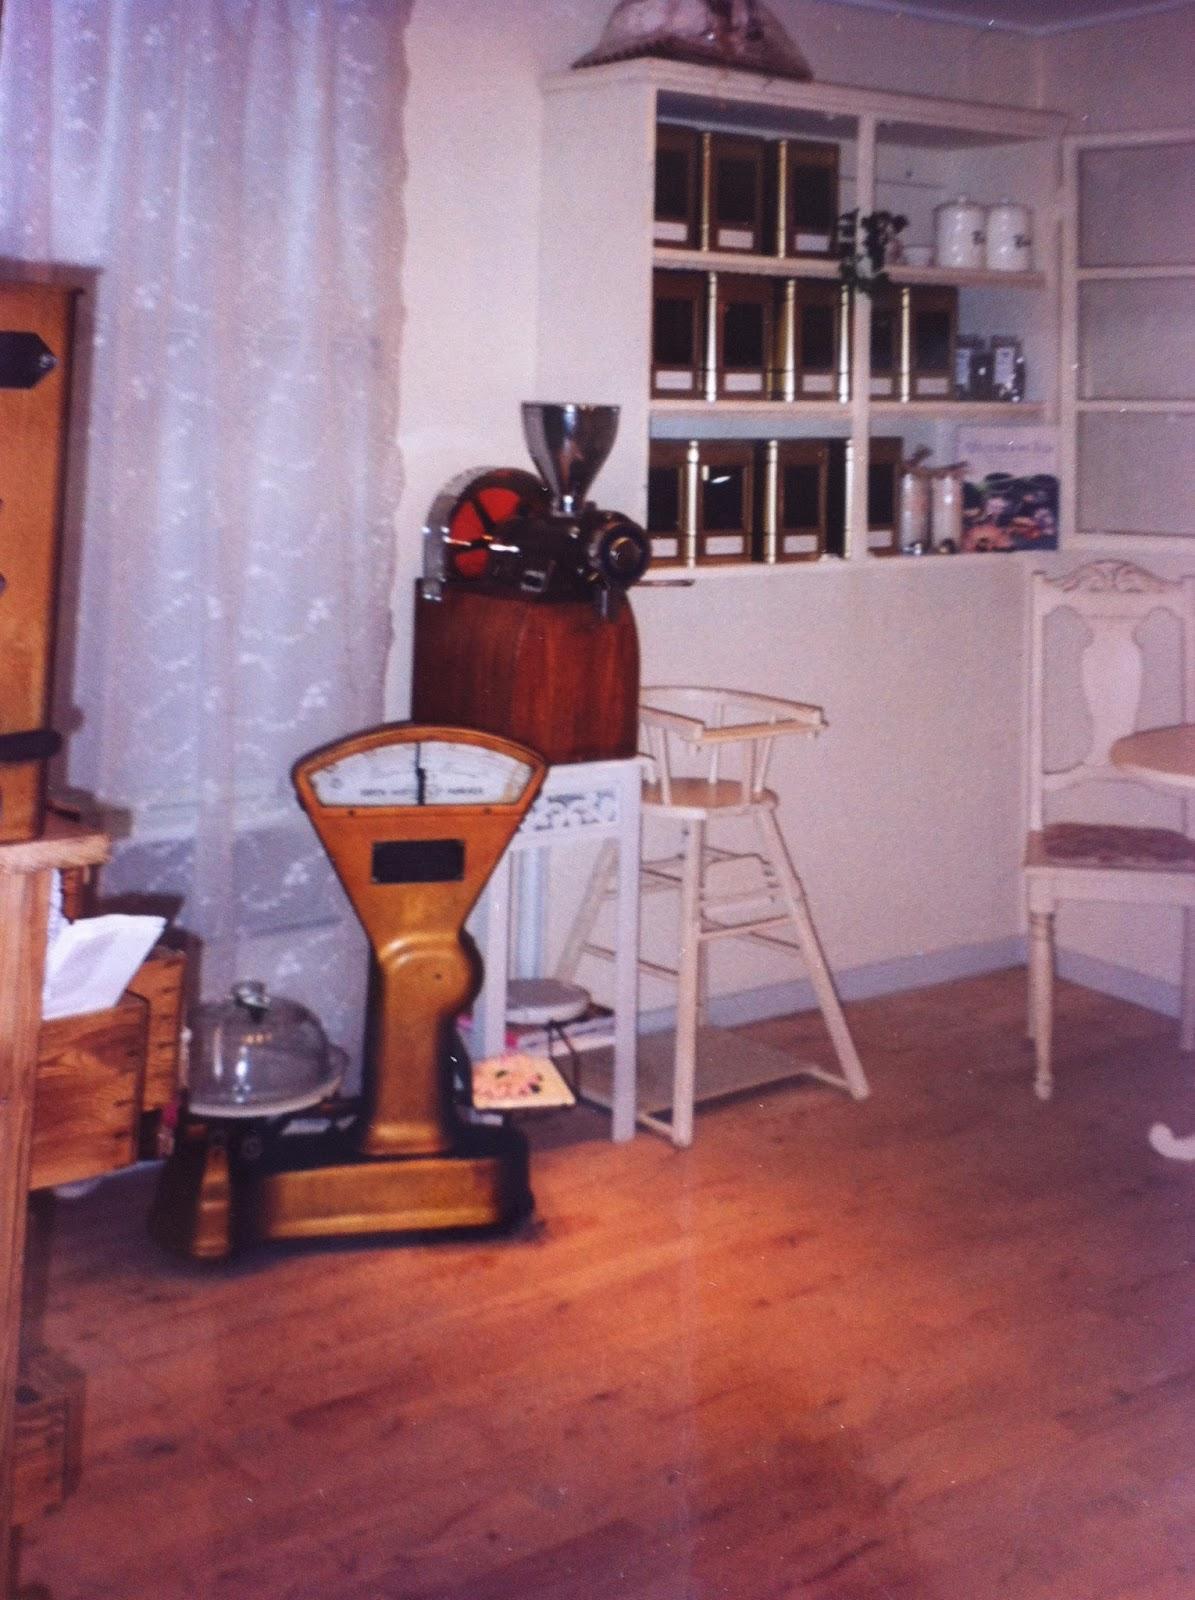 Frk Hall: Min gamle café